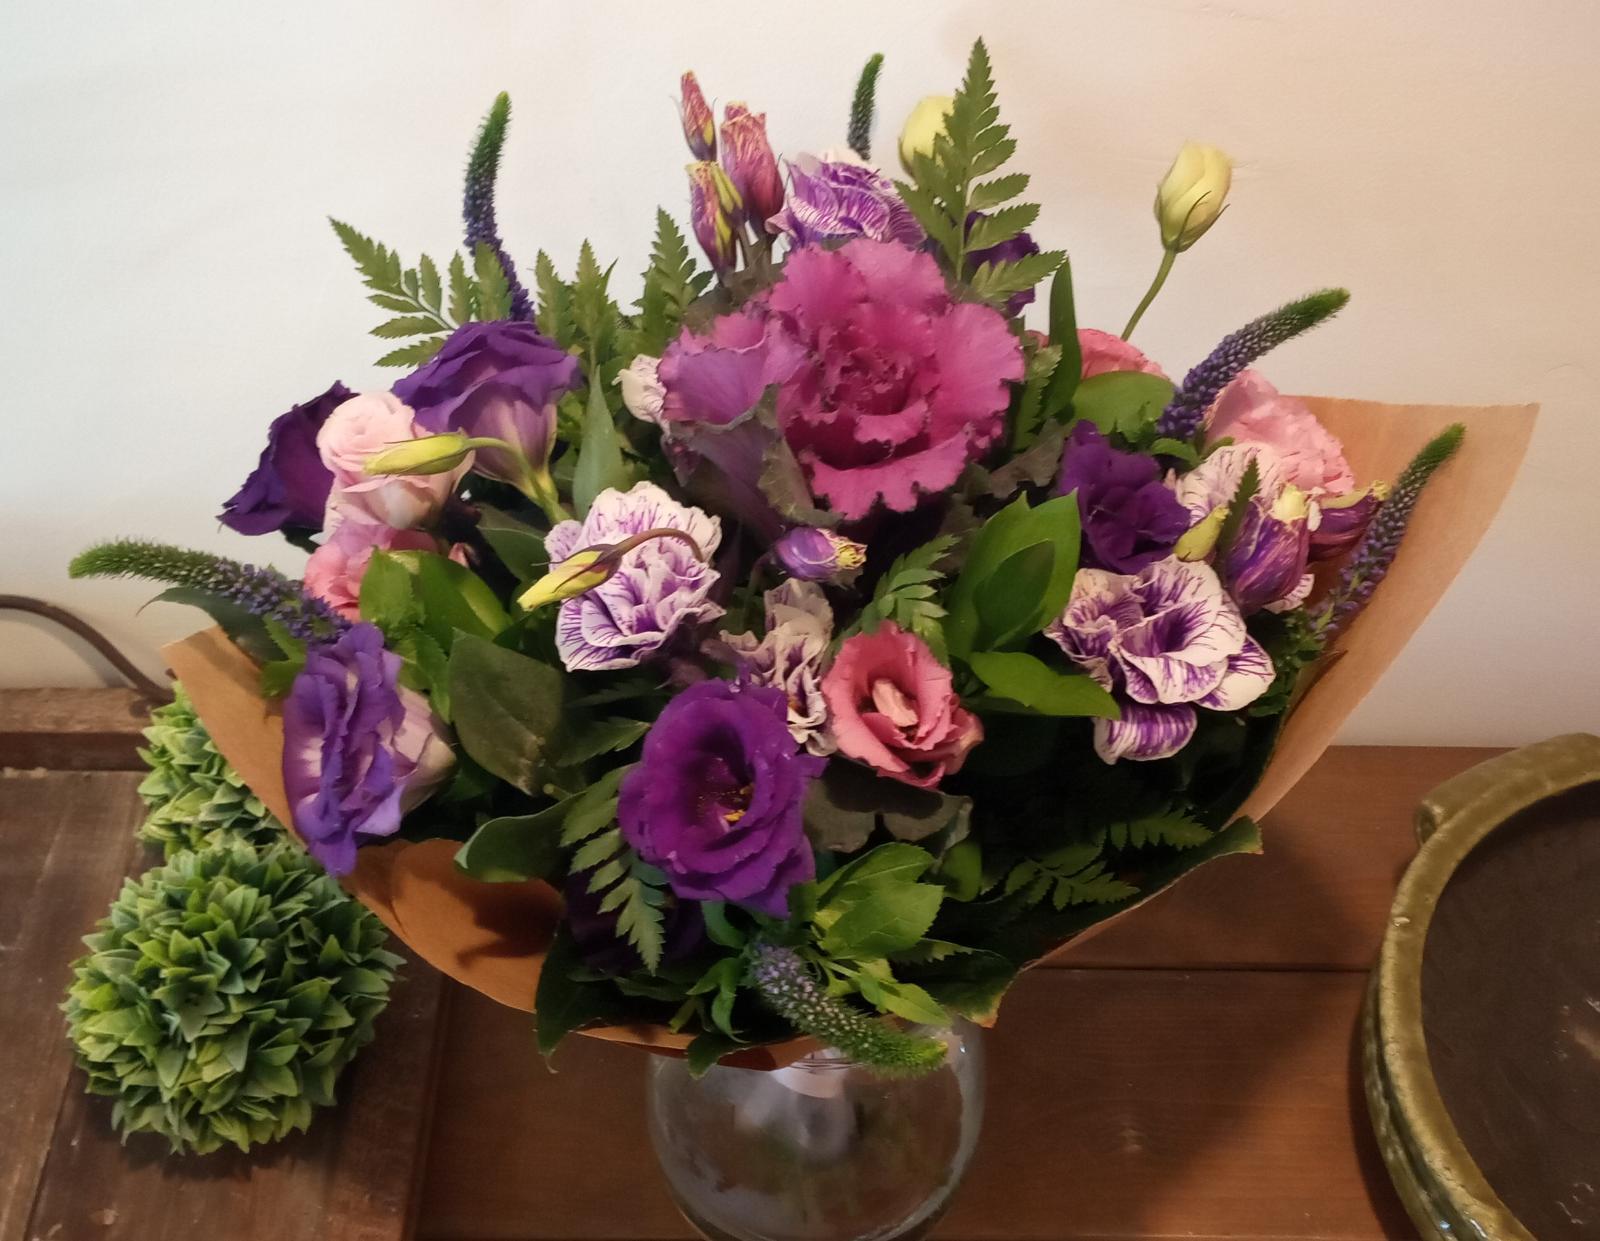 ורוד וסגול זה הכי - פרחי סיתוונית - אשקלון